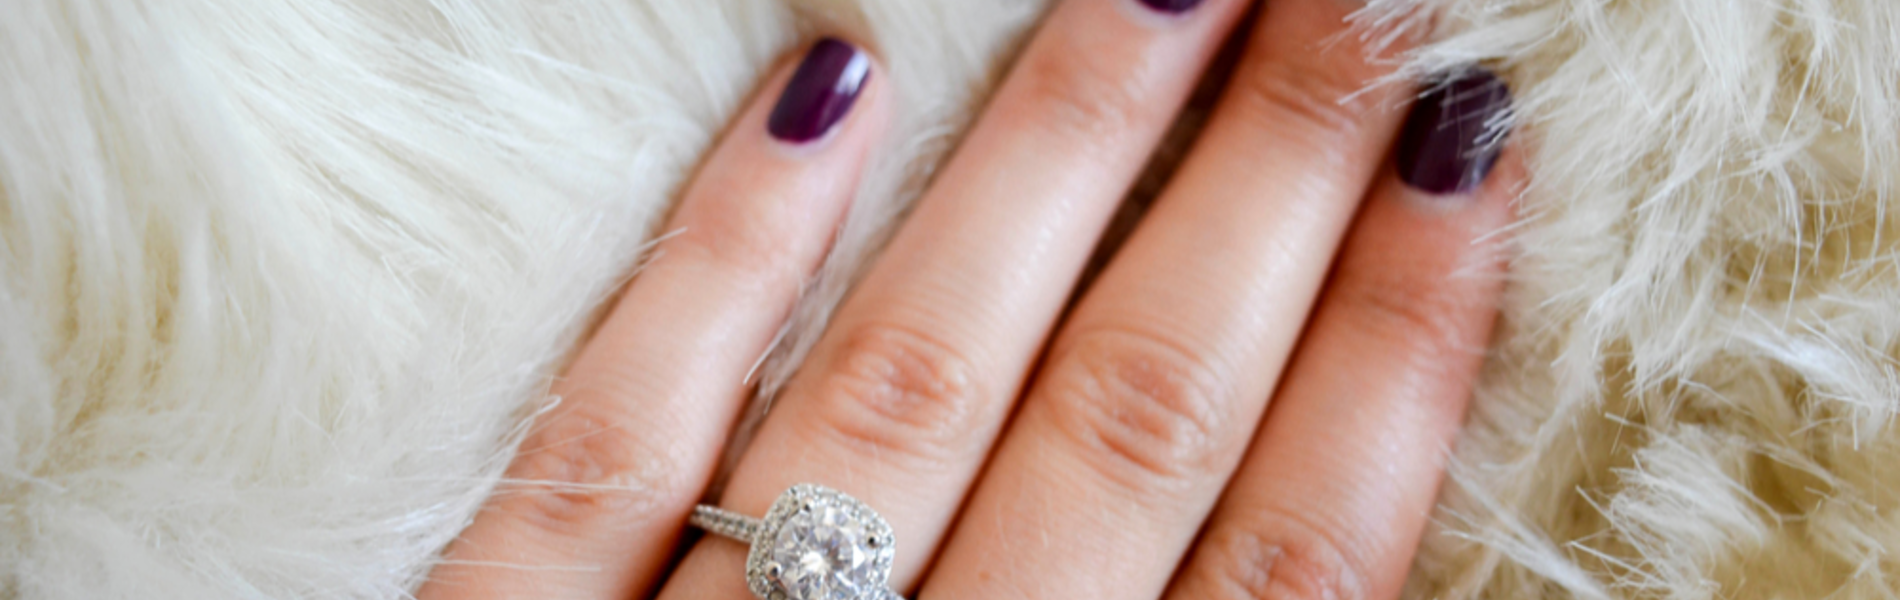 לא הייתי רוצה שבן הזוג שלי יבחר את שמלת הכלה שלי, למה בעניין הטבעת זה צריך להיות אחרת?